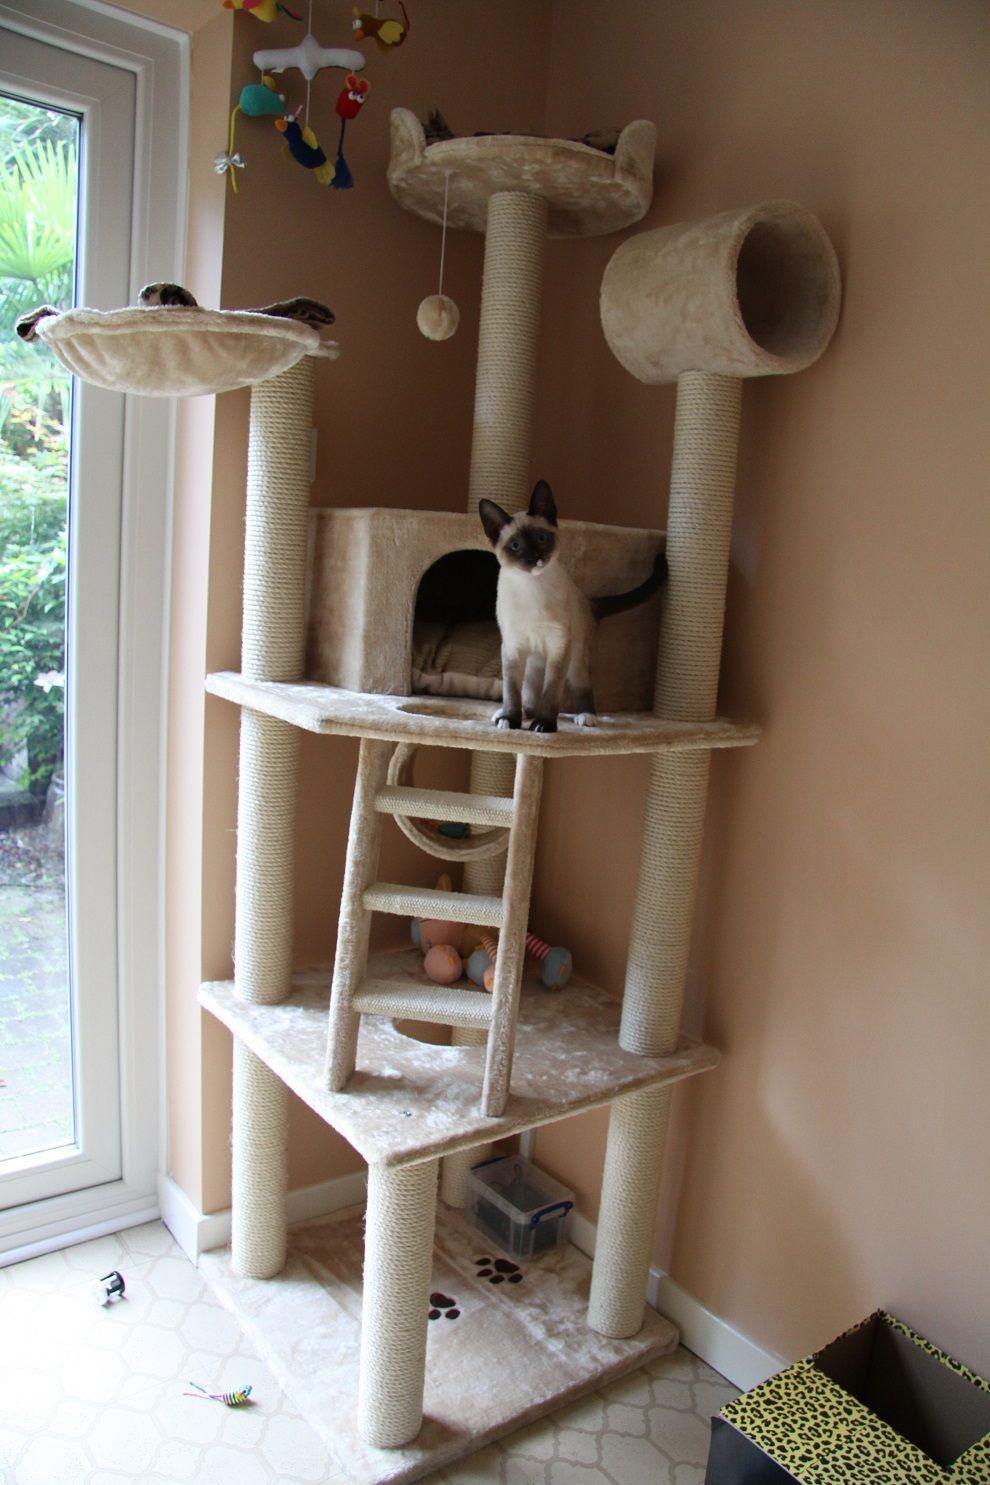 12 Cool Cat Tower Plans To Inspire You Pets Furniture Ideas Trucs De Chat Jeux Pour Chat Arbre à Chat Diy